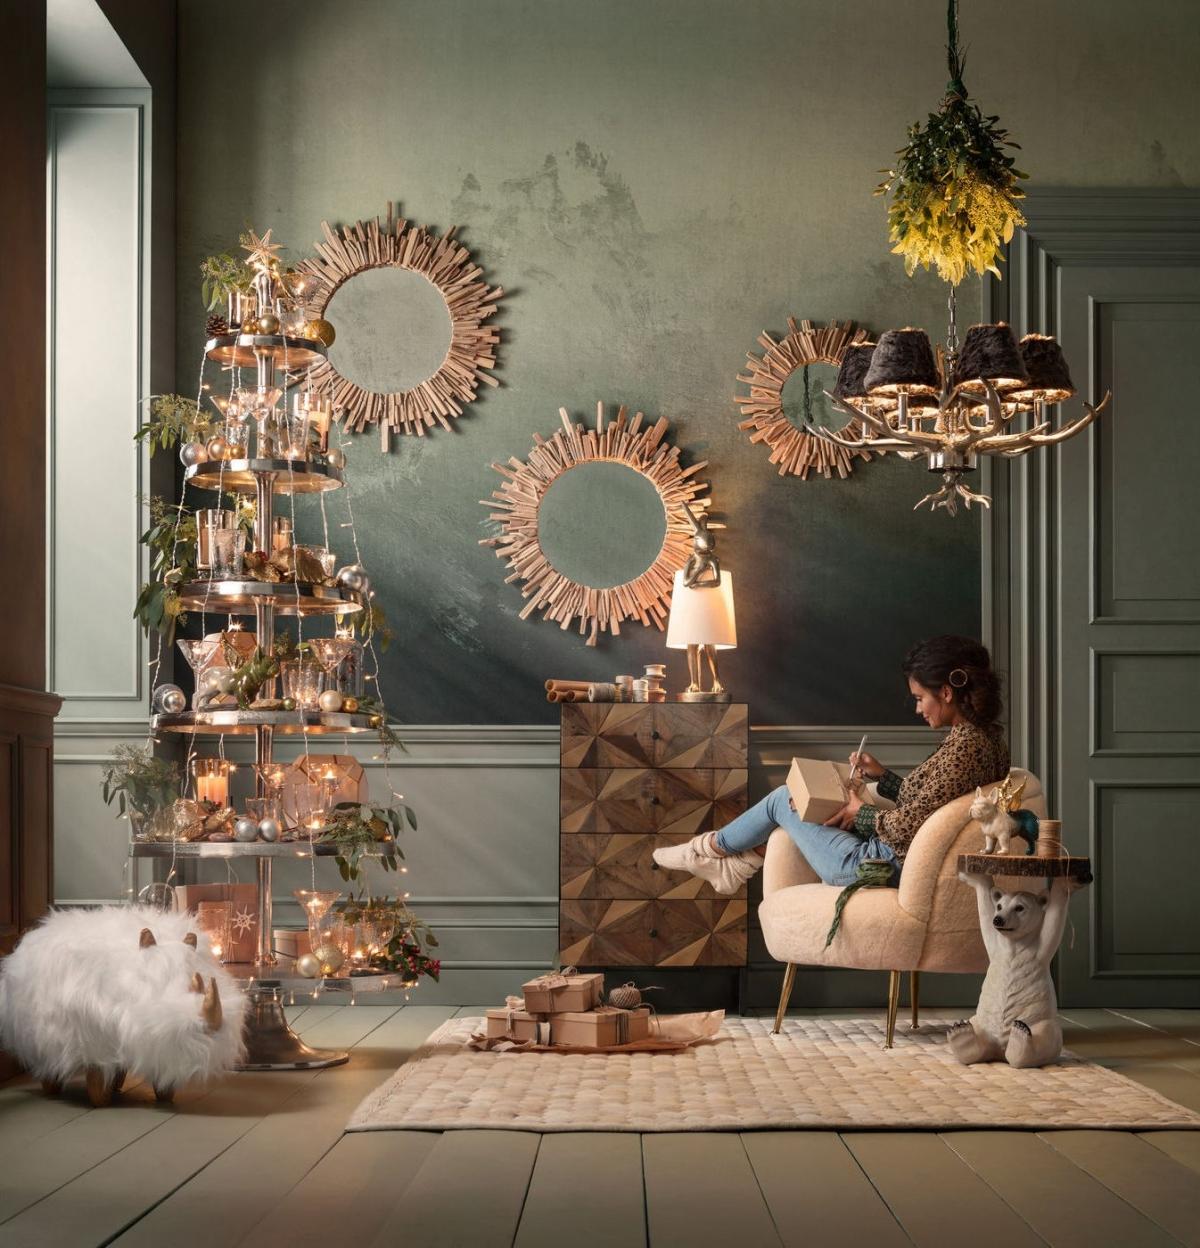 Неординарный дизайн гостиной в мистическом стиле